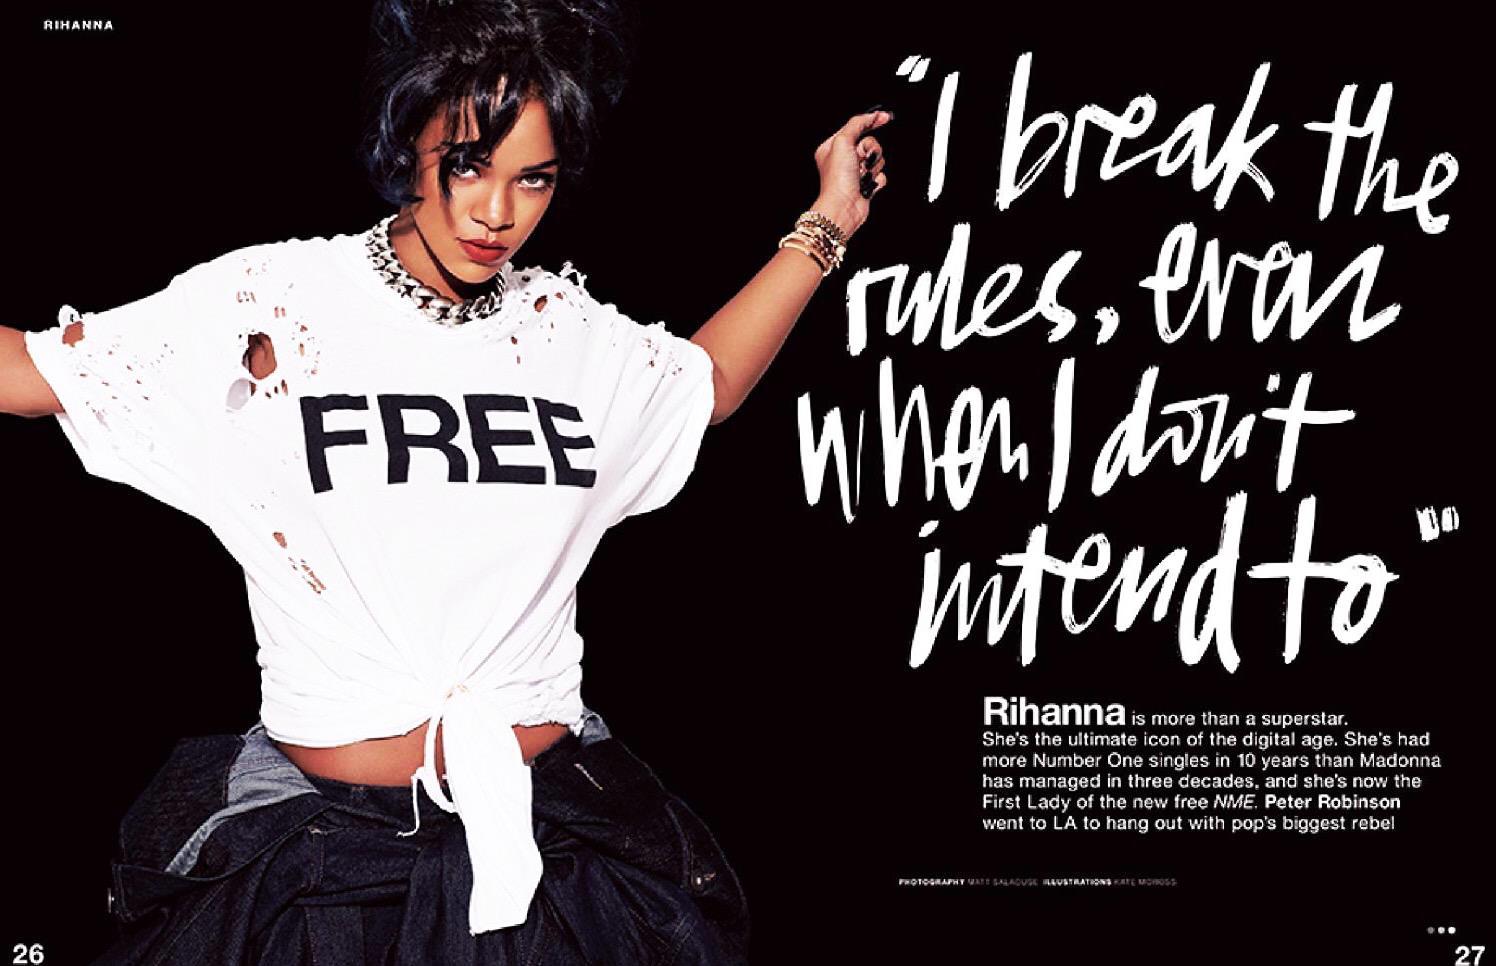 Rihanna intervistata da Peter Robinson sul nuovo NME in versione free press